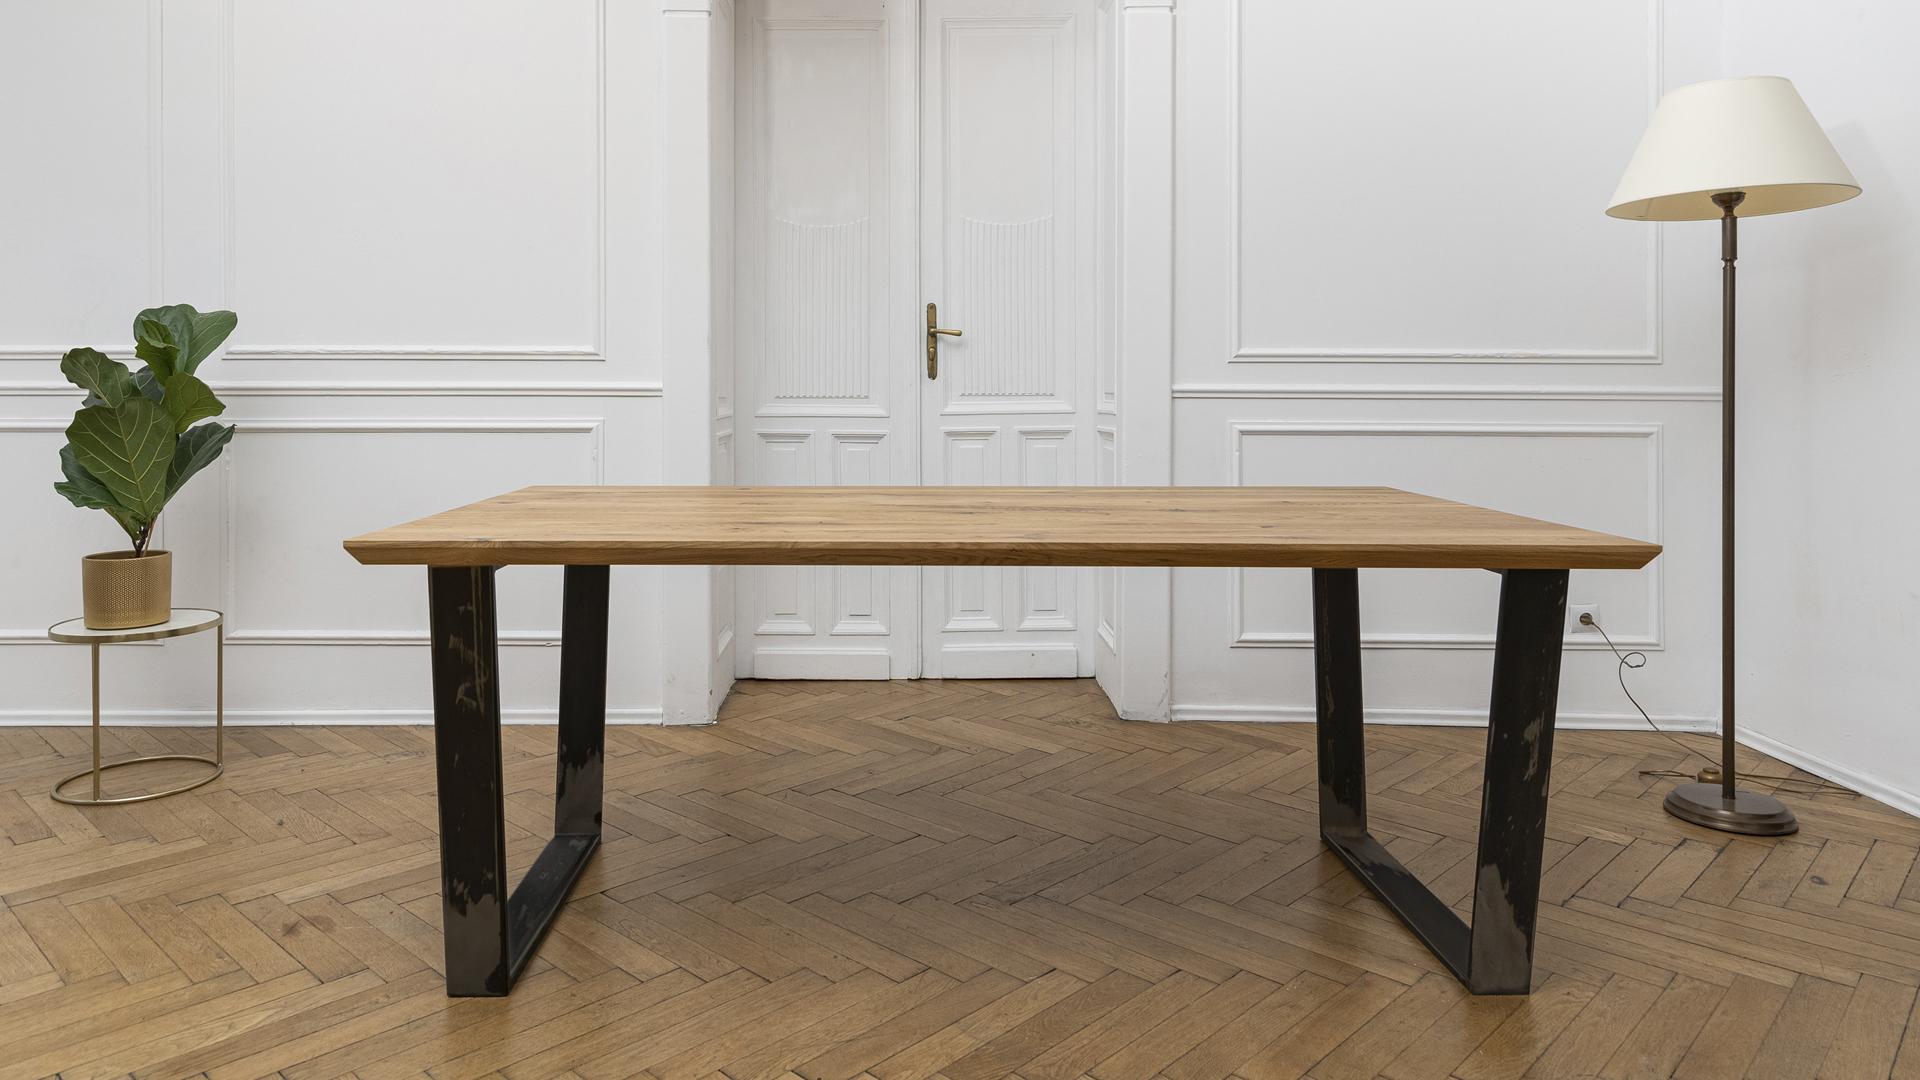 Stół z nogami metalowymi w kolorze naturalnej stali